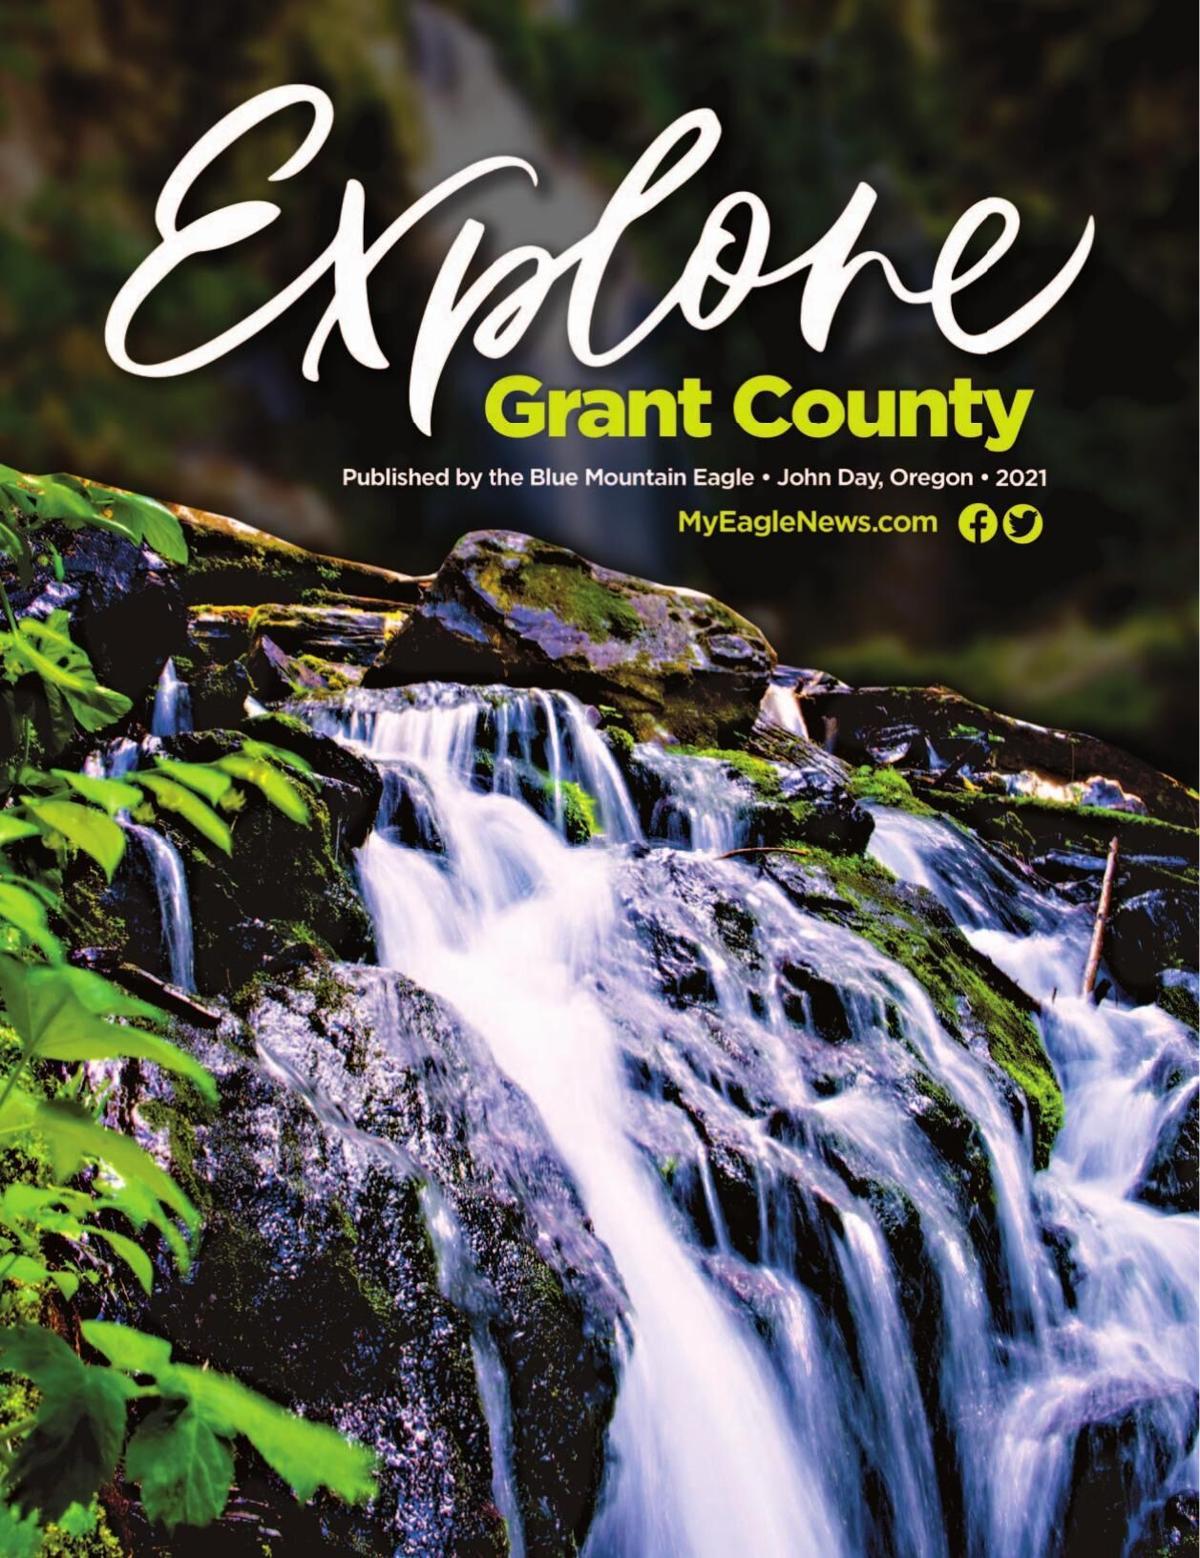 Explore Grant County visitor guide 2021